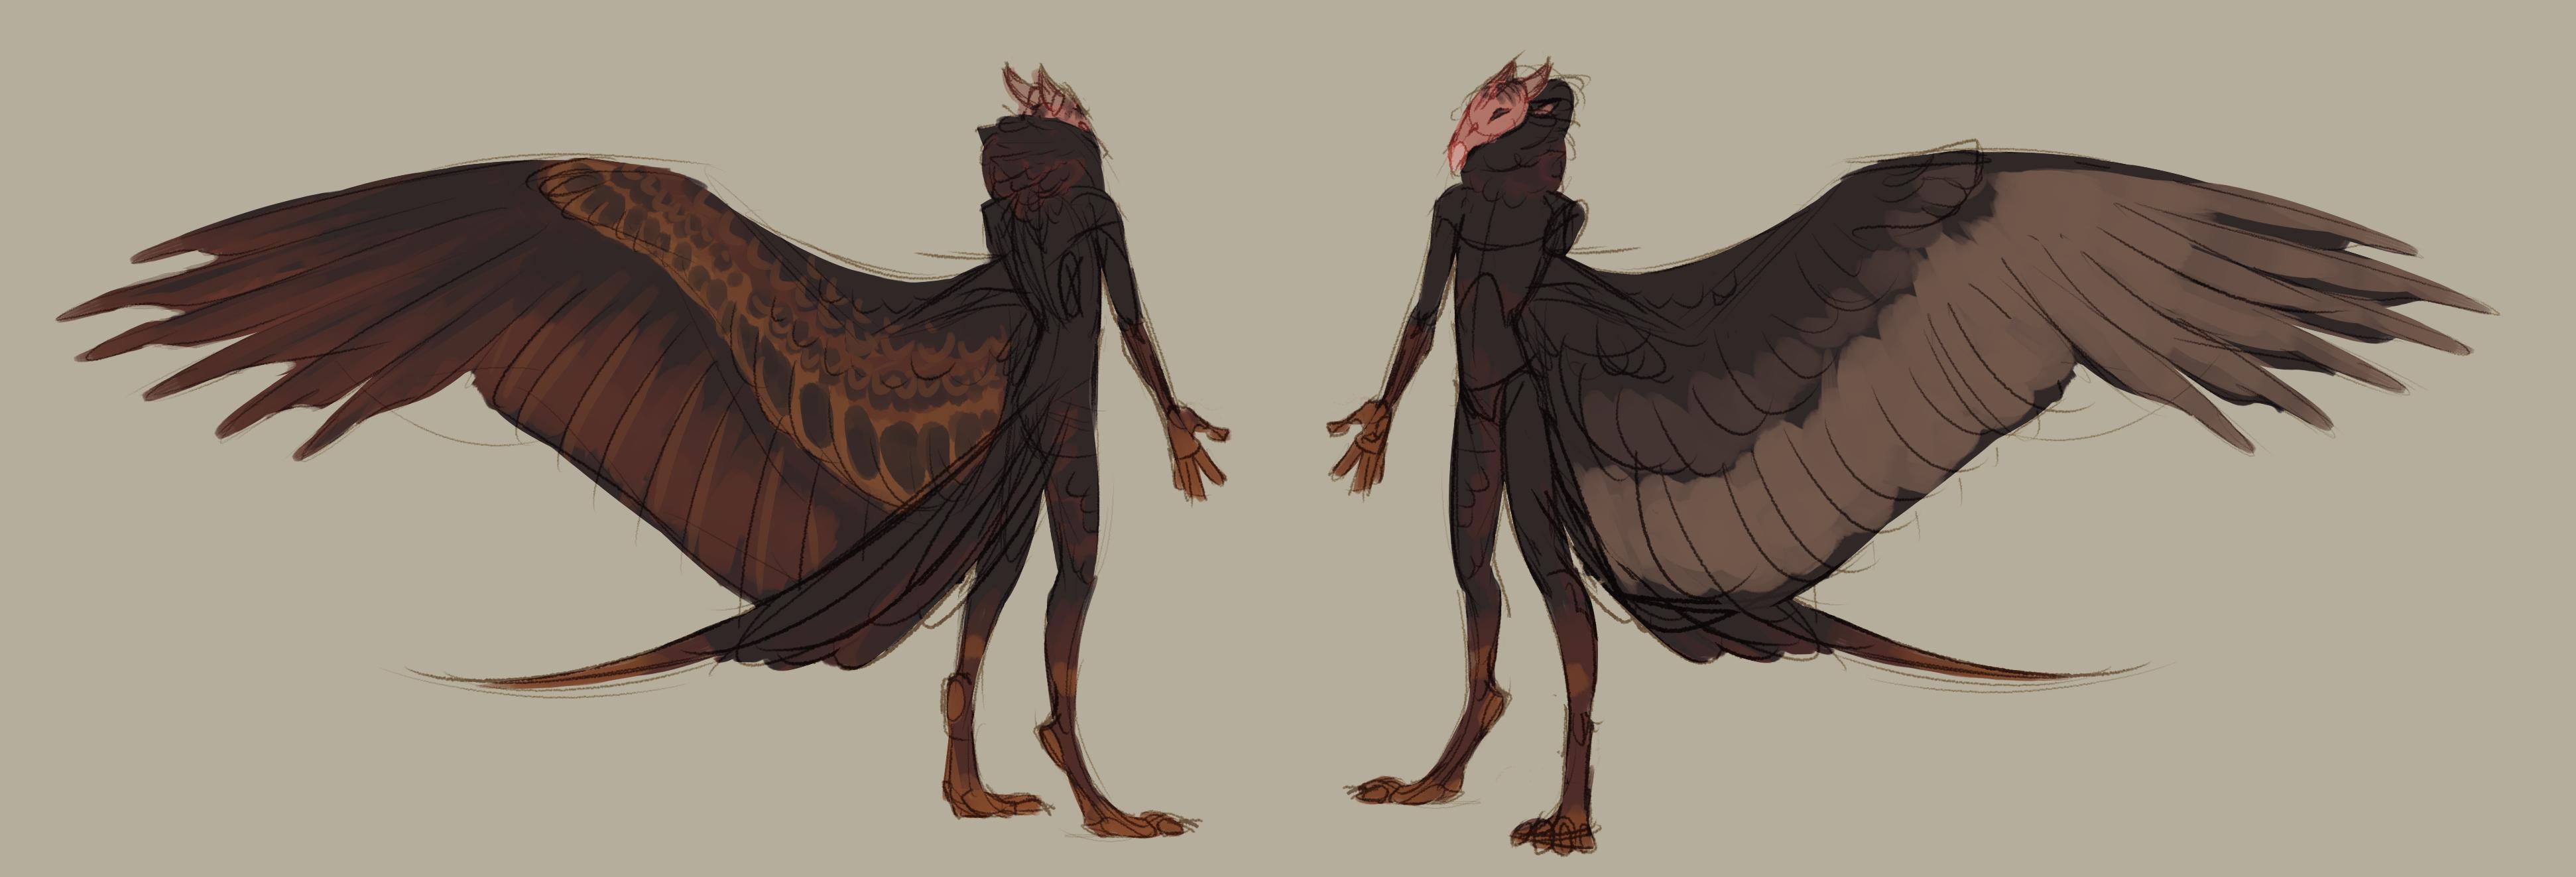 Vulture-like figures